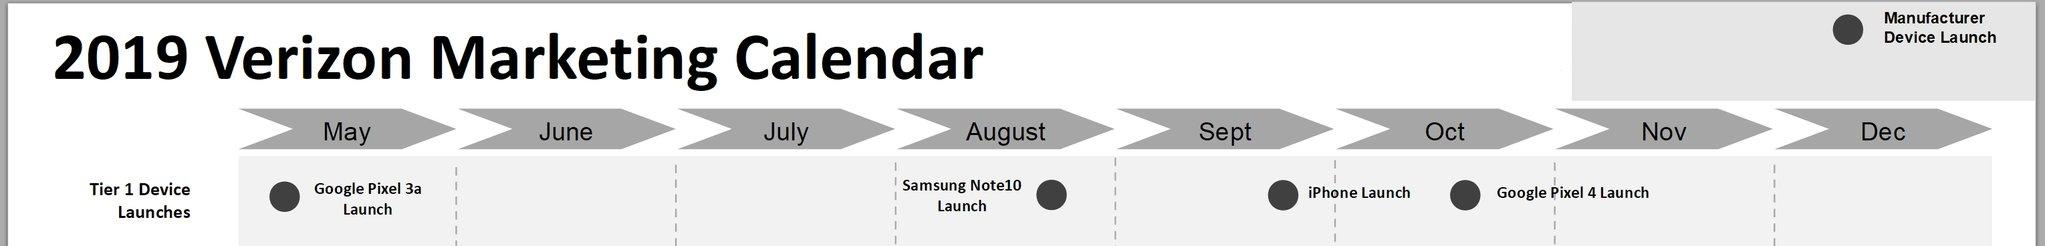 Verizon filtra la fecha de lanzamiento del iPhone 11, Note 10 y Pixel 4 29